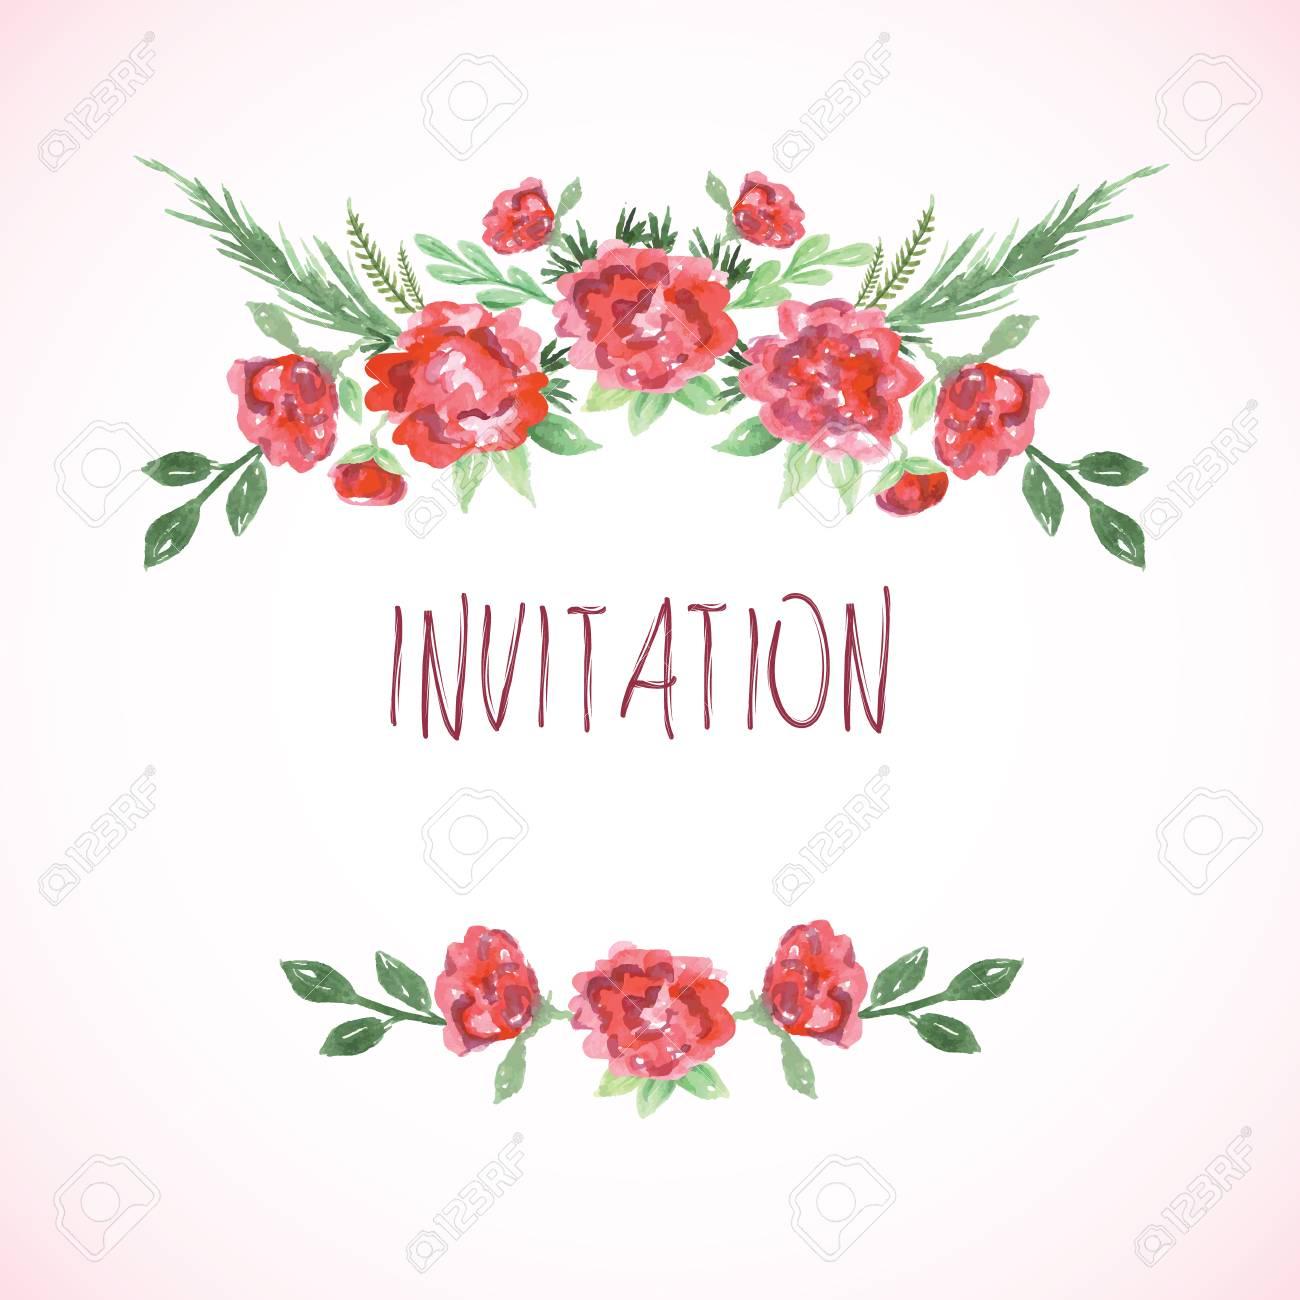 Aquarell Rosa Rot Und Grün-Vorlagen Für Hochzeitseinladung Retten ...